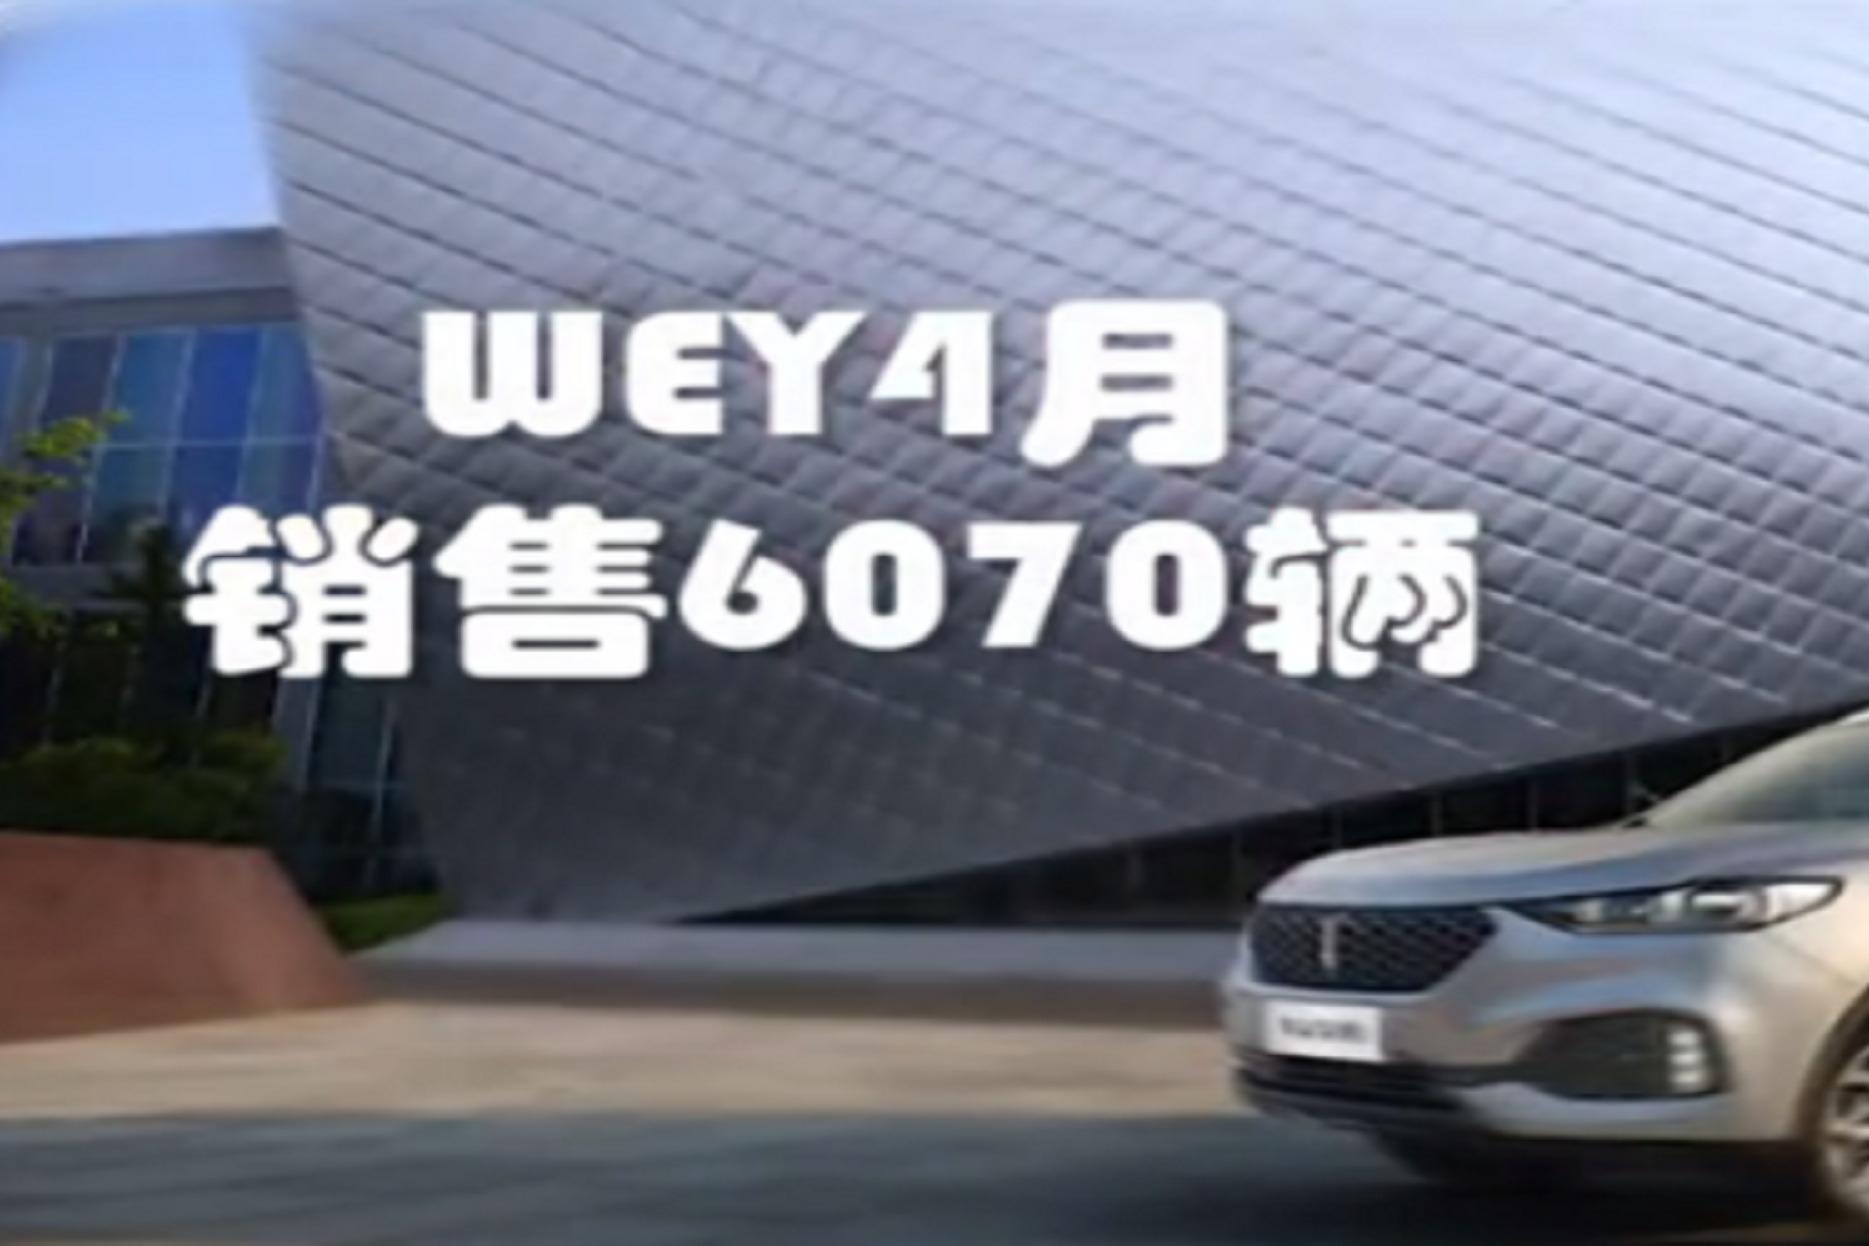 国产汽车行业的领军者,长城汽车,四月销量再创辉煌!